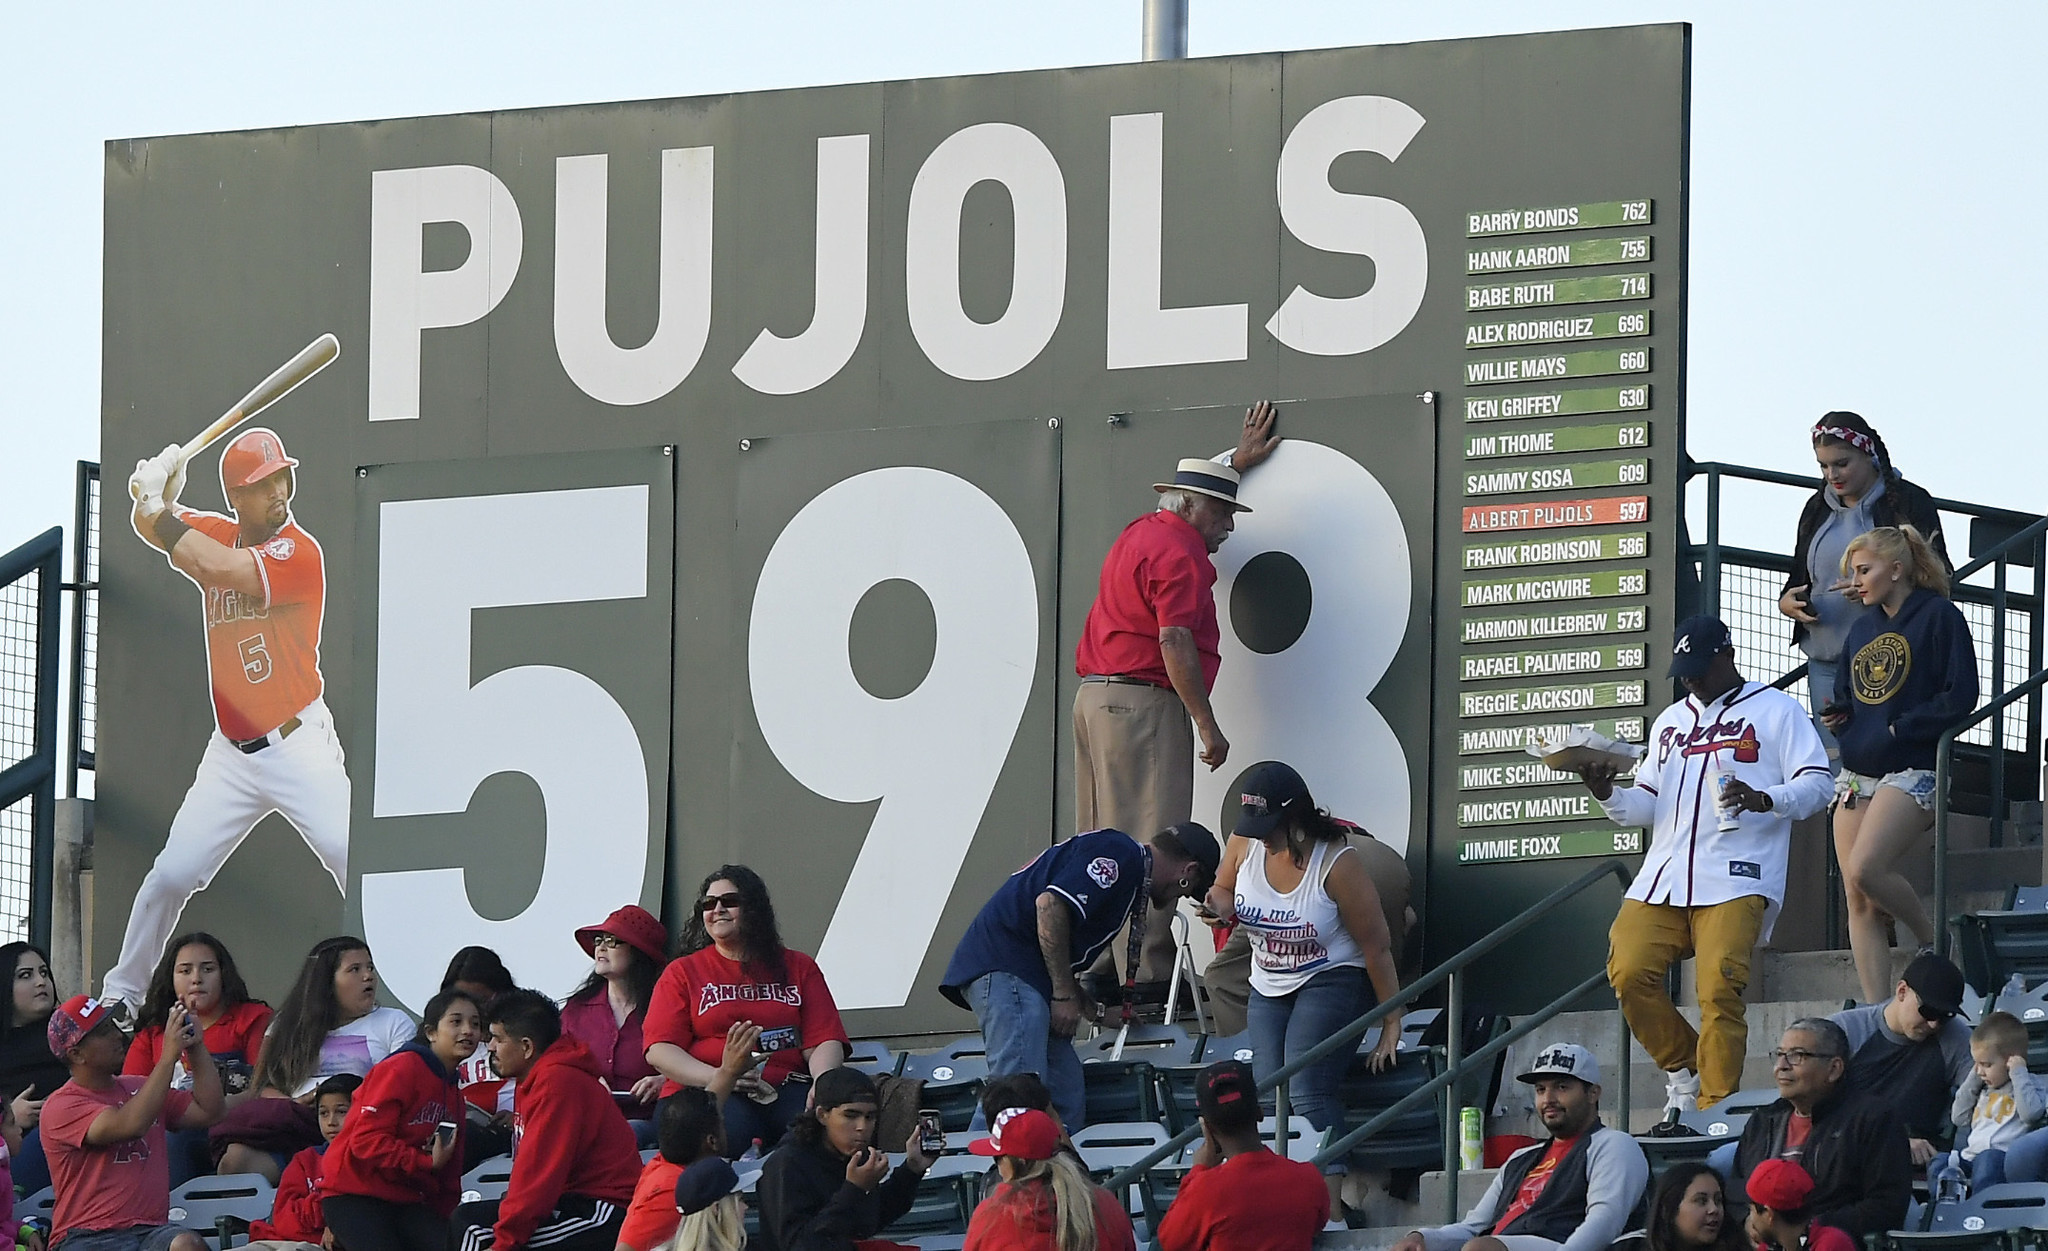 La-sp-albert-pujols-homers-20170530